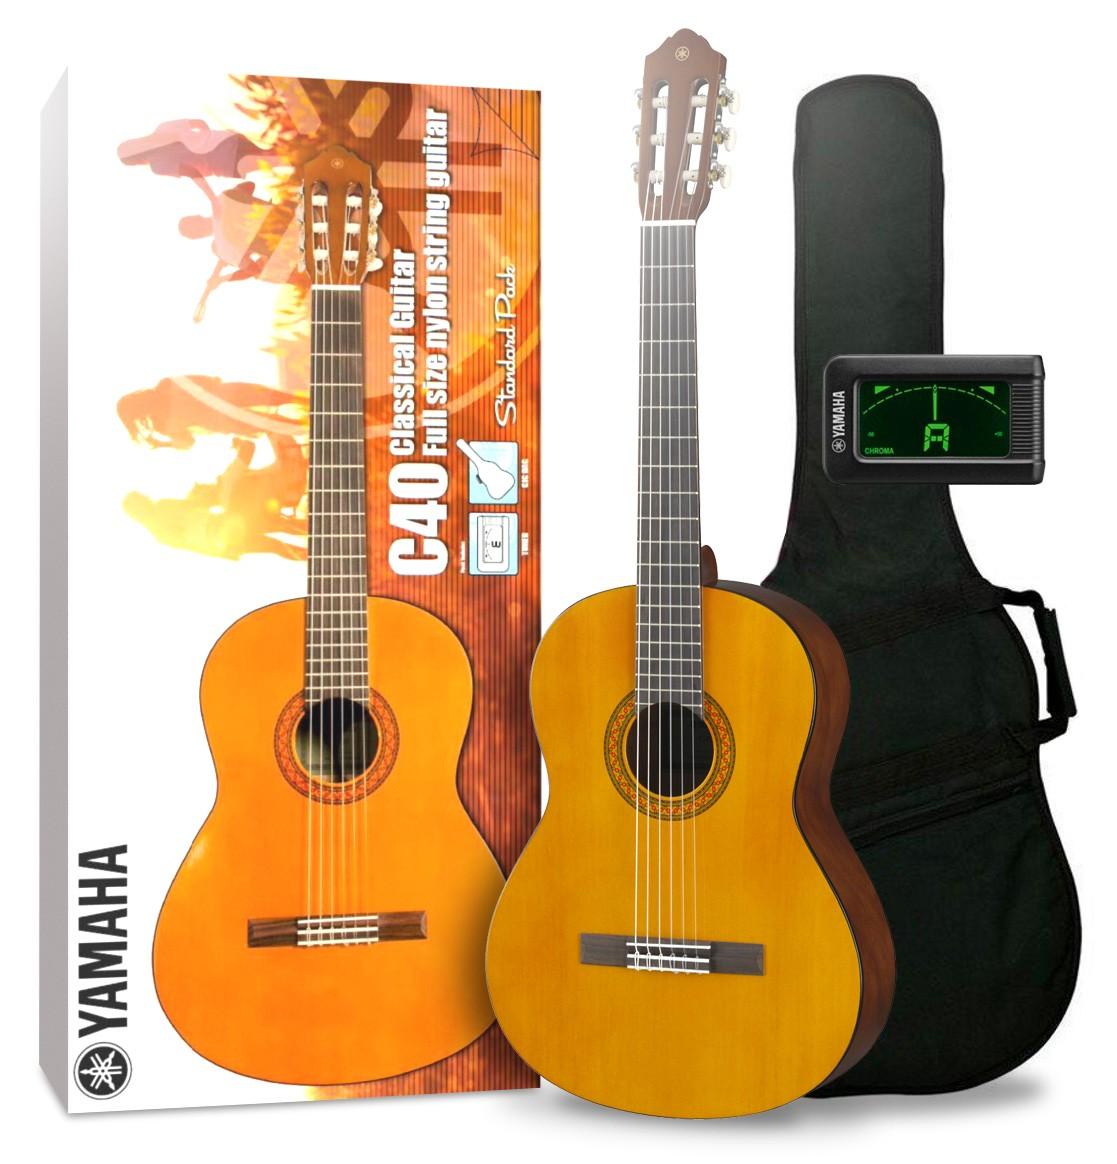 Sety s klasickými kytarami